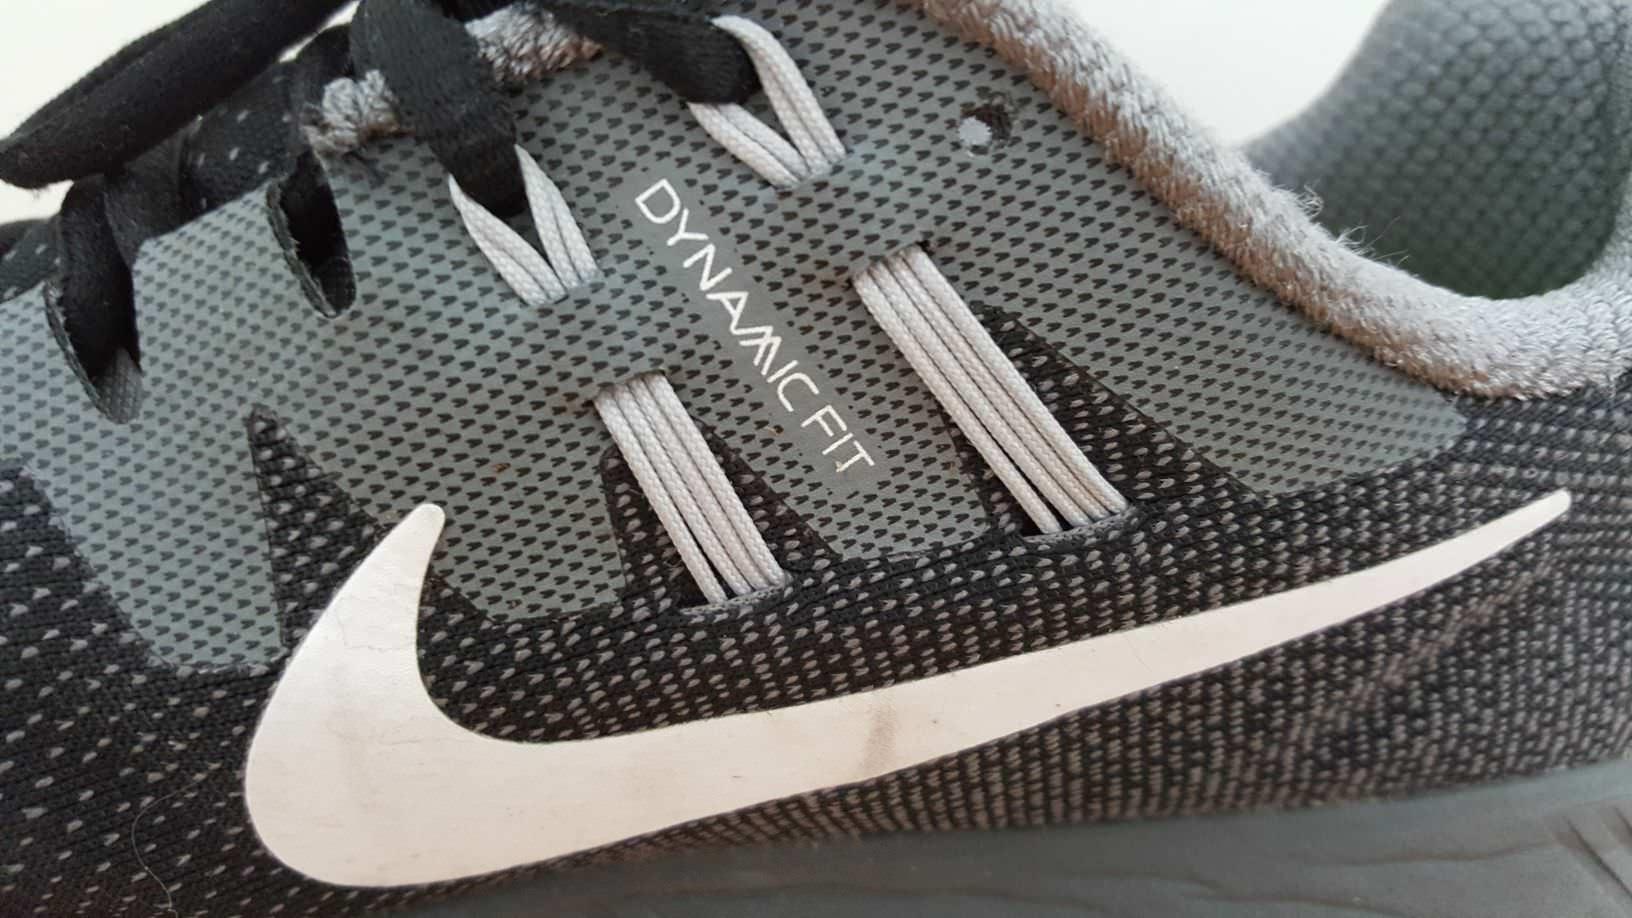 Nike Zoom Air Struttura 20 Opinione Delle Donne vYxjJ144l